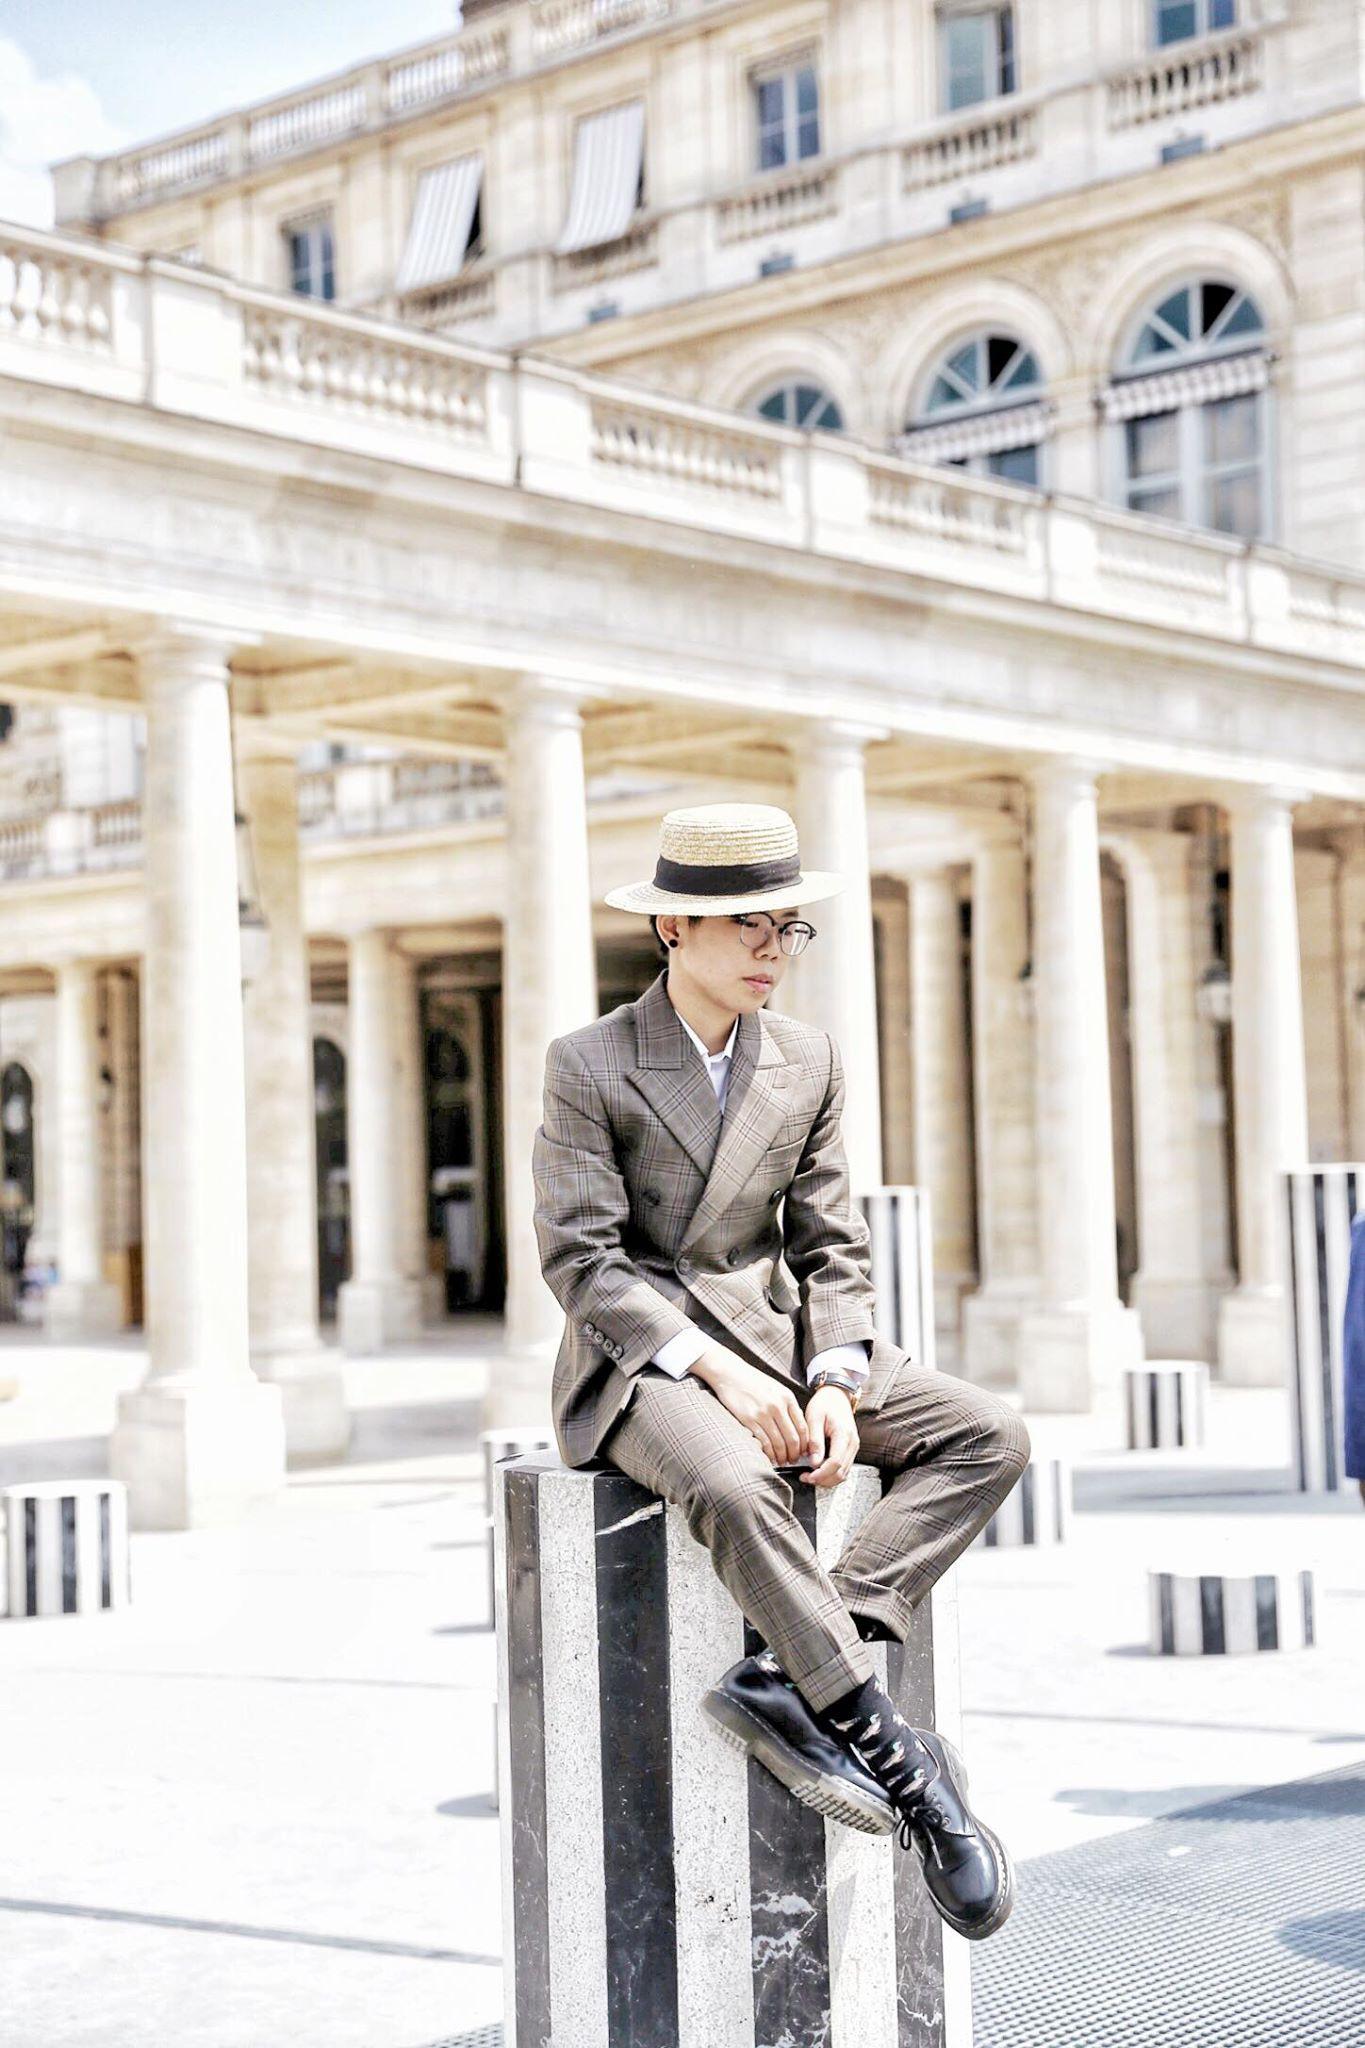 Du học tận Paris nhưng anh chàng vẫn có mặt trong đám cưới của em trai, lại còn được canh thùng tiền cưới - Ảnh 4.